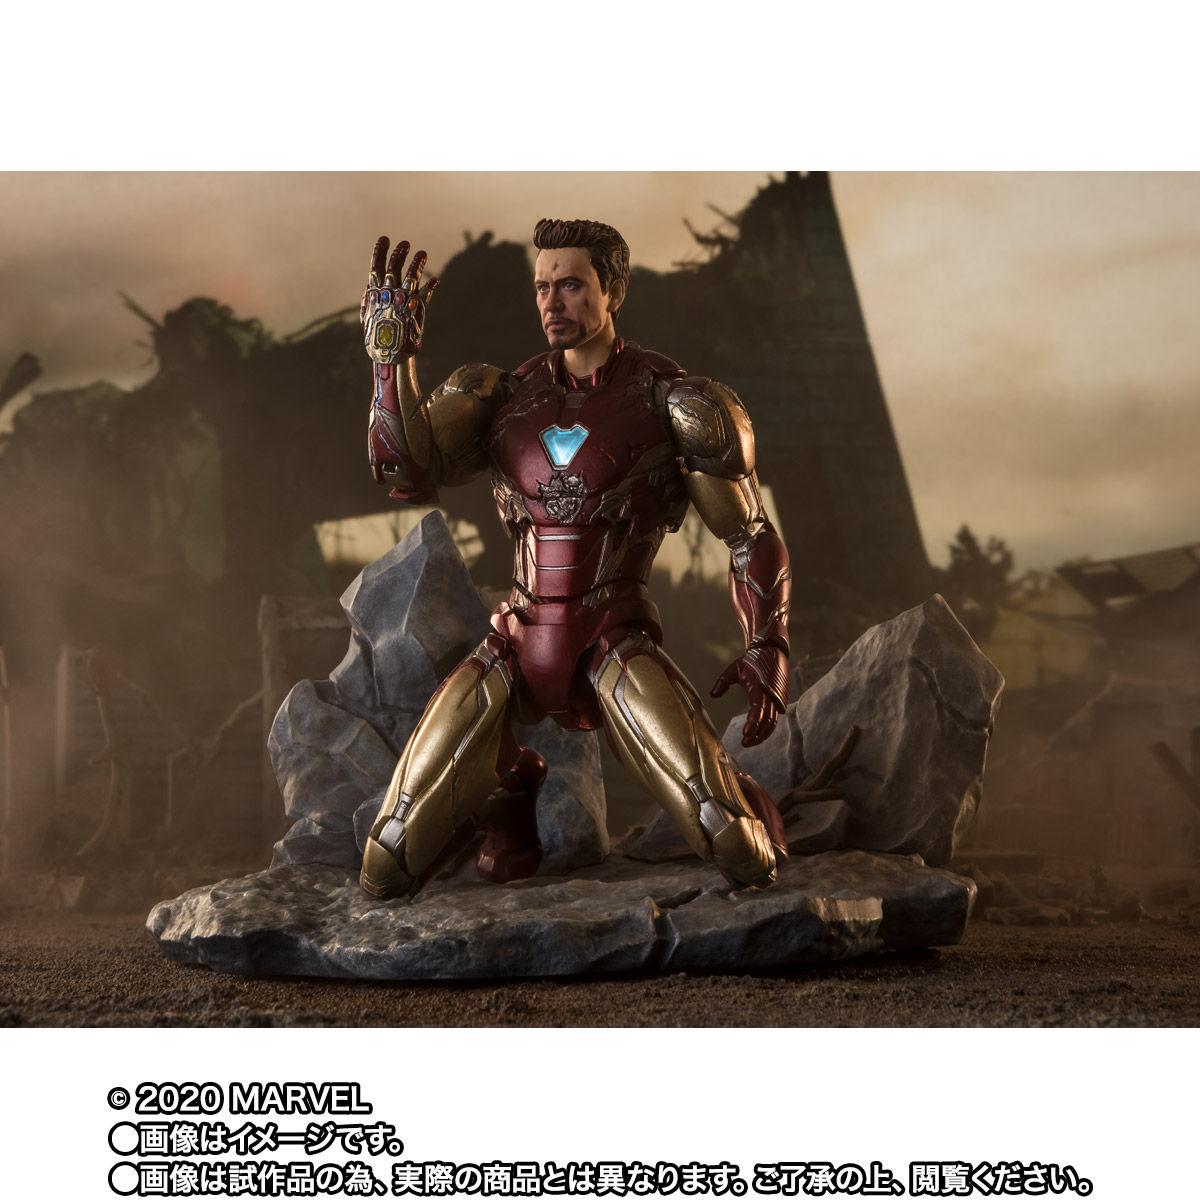 【限定販売】S.H.Figuarts『アイアンマン マーク85 -《I AM IRON MAN》EDITION-』アベンジャーズ/エンドゲーム 可動フィギュア-003